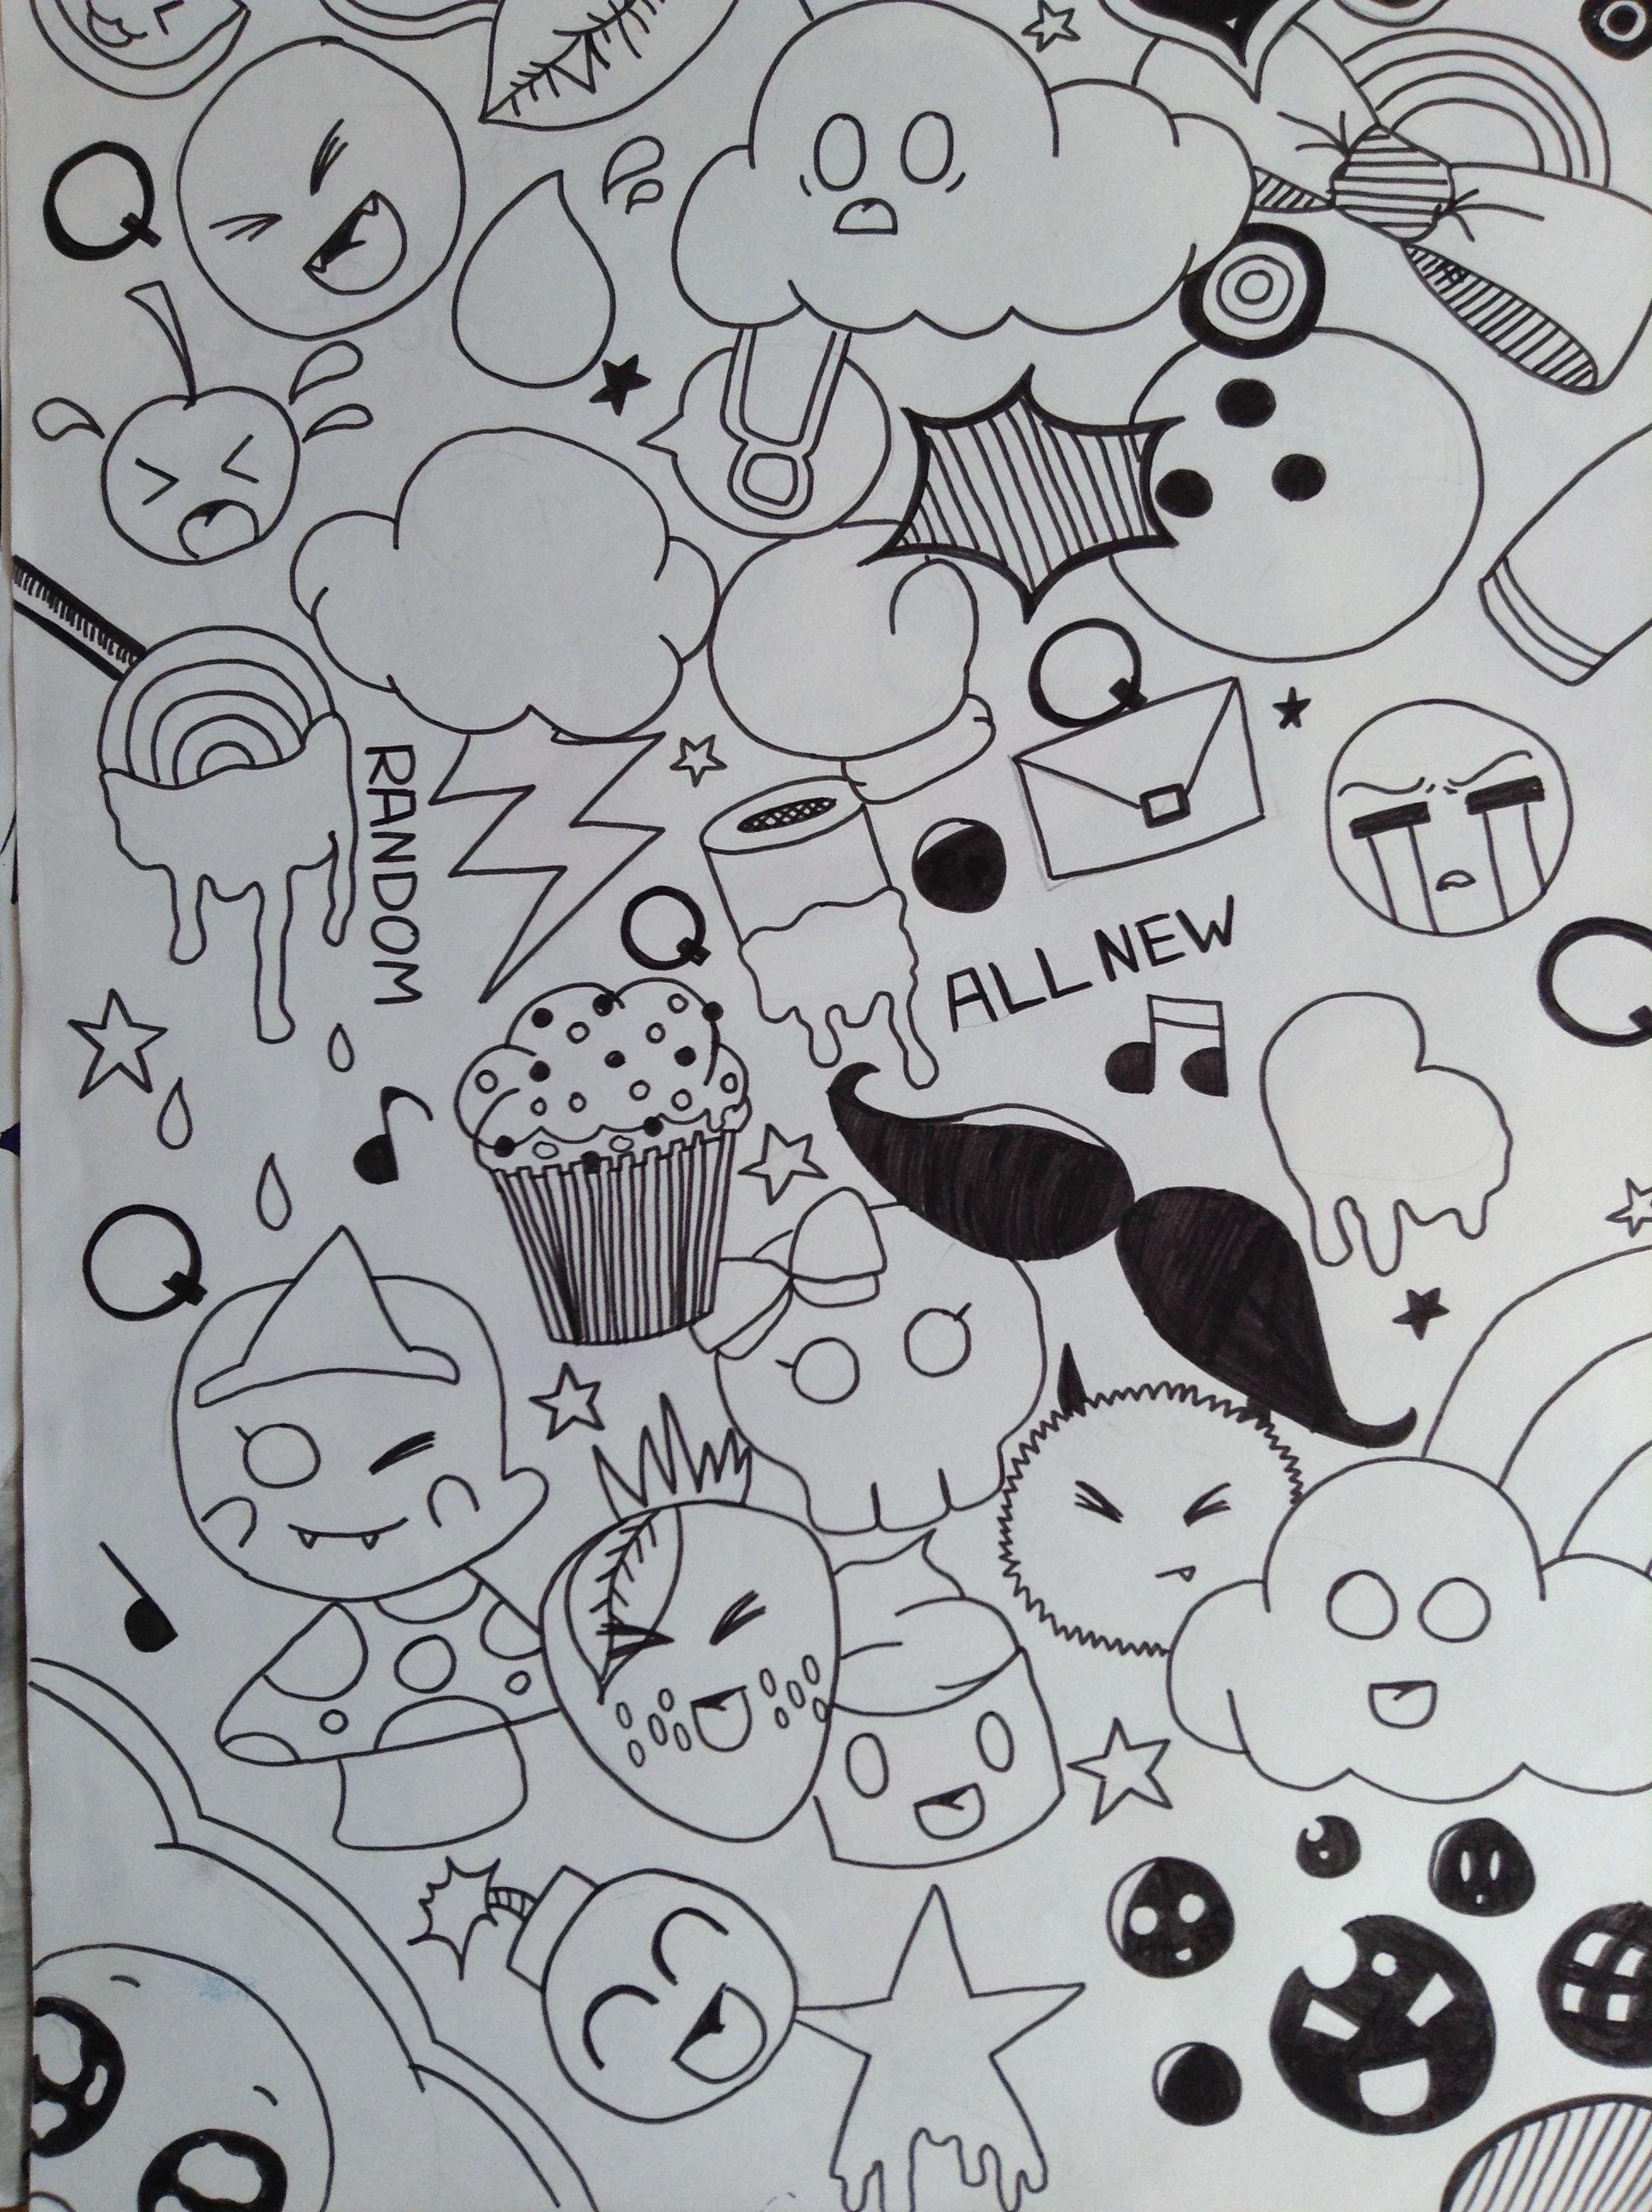 Random stuff :) By Daryell Mya